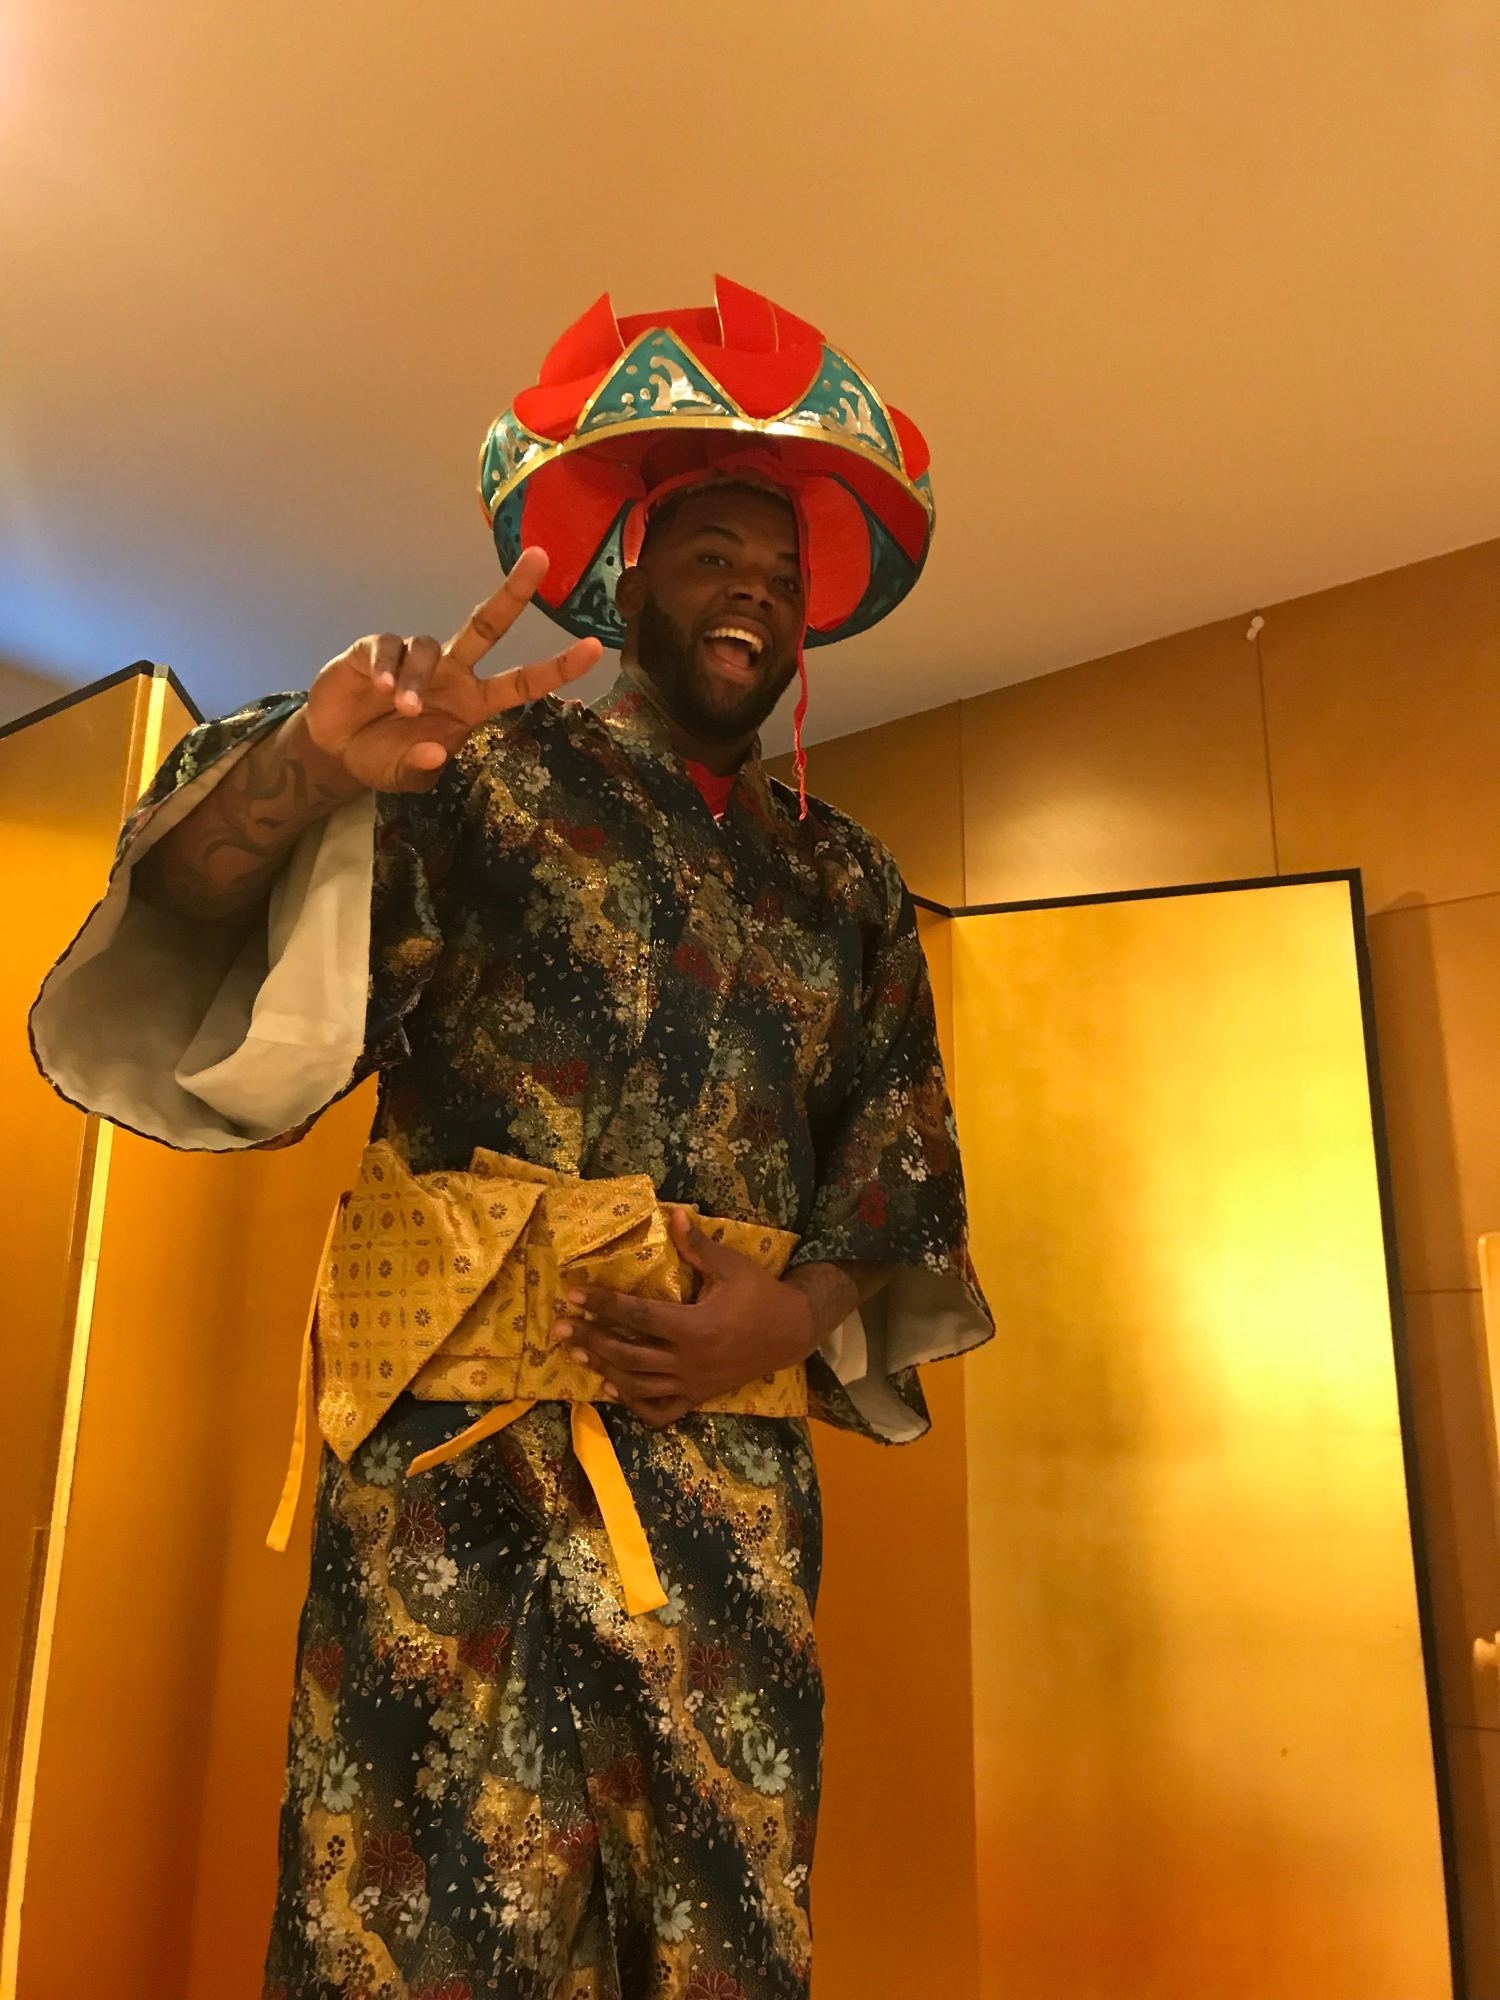 民族衣装を着てノリノリのバルガス ©堀慶介